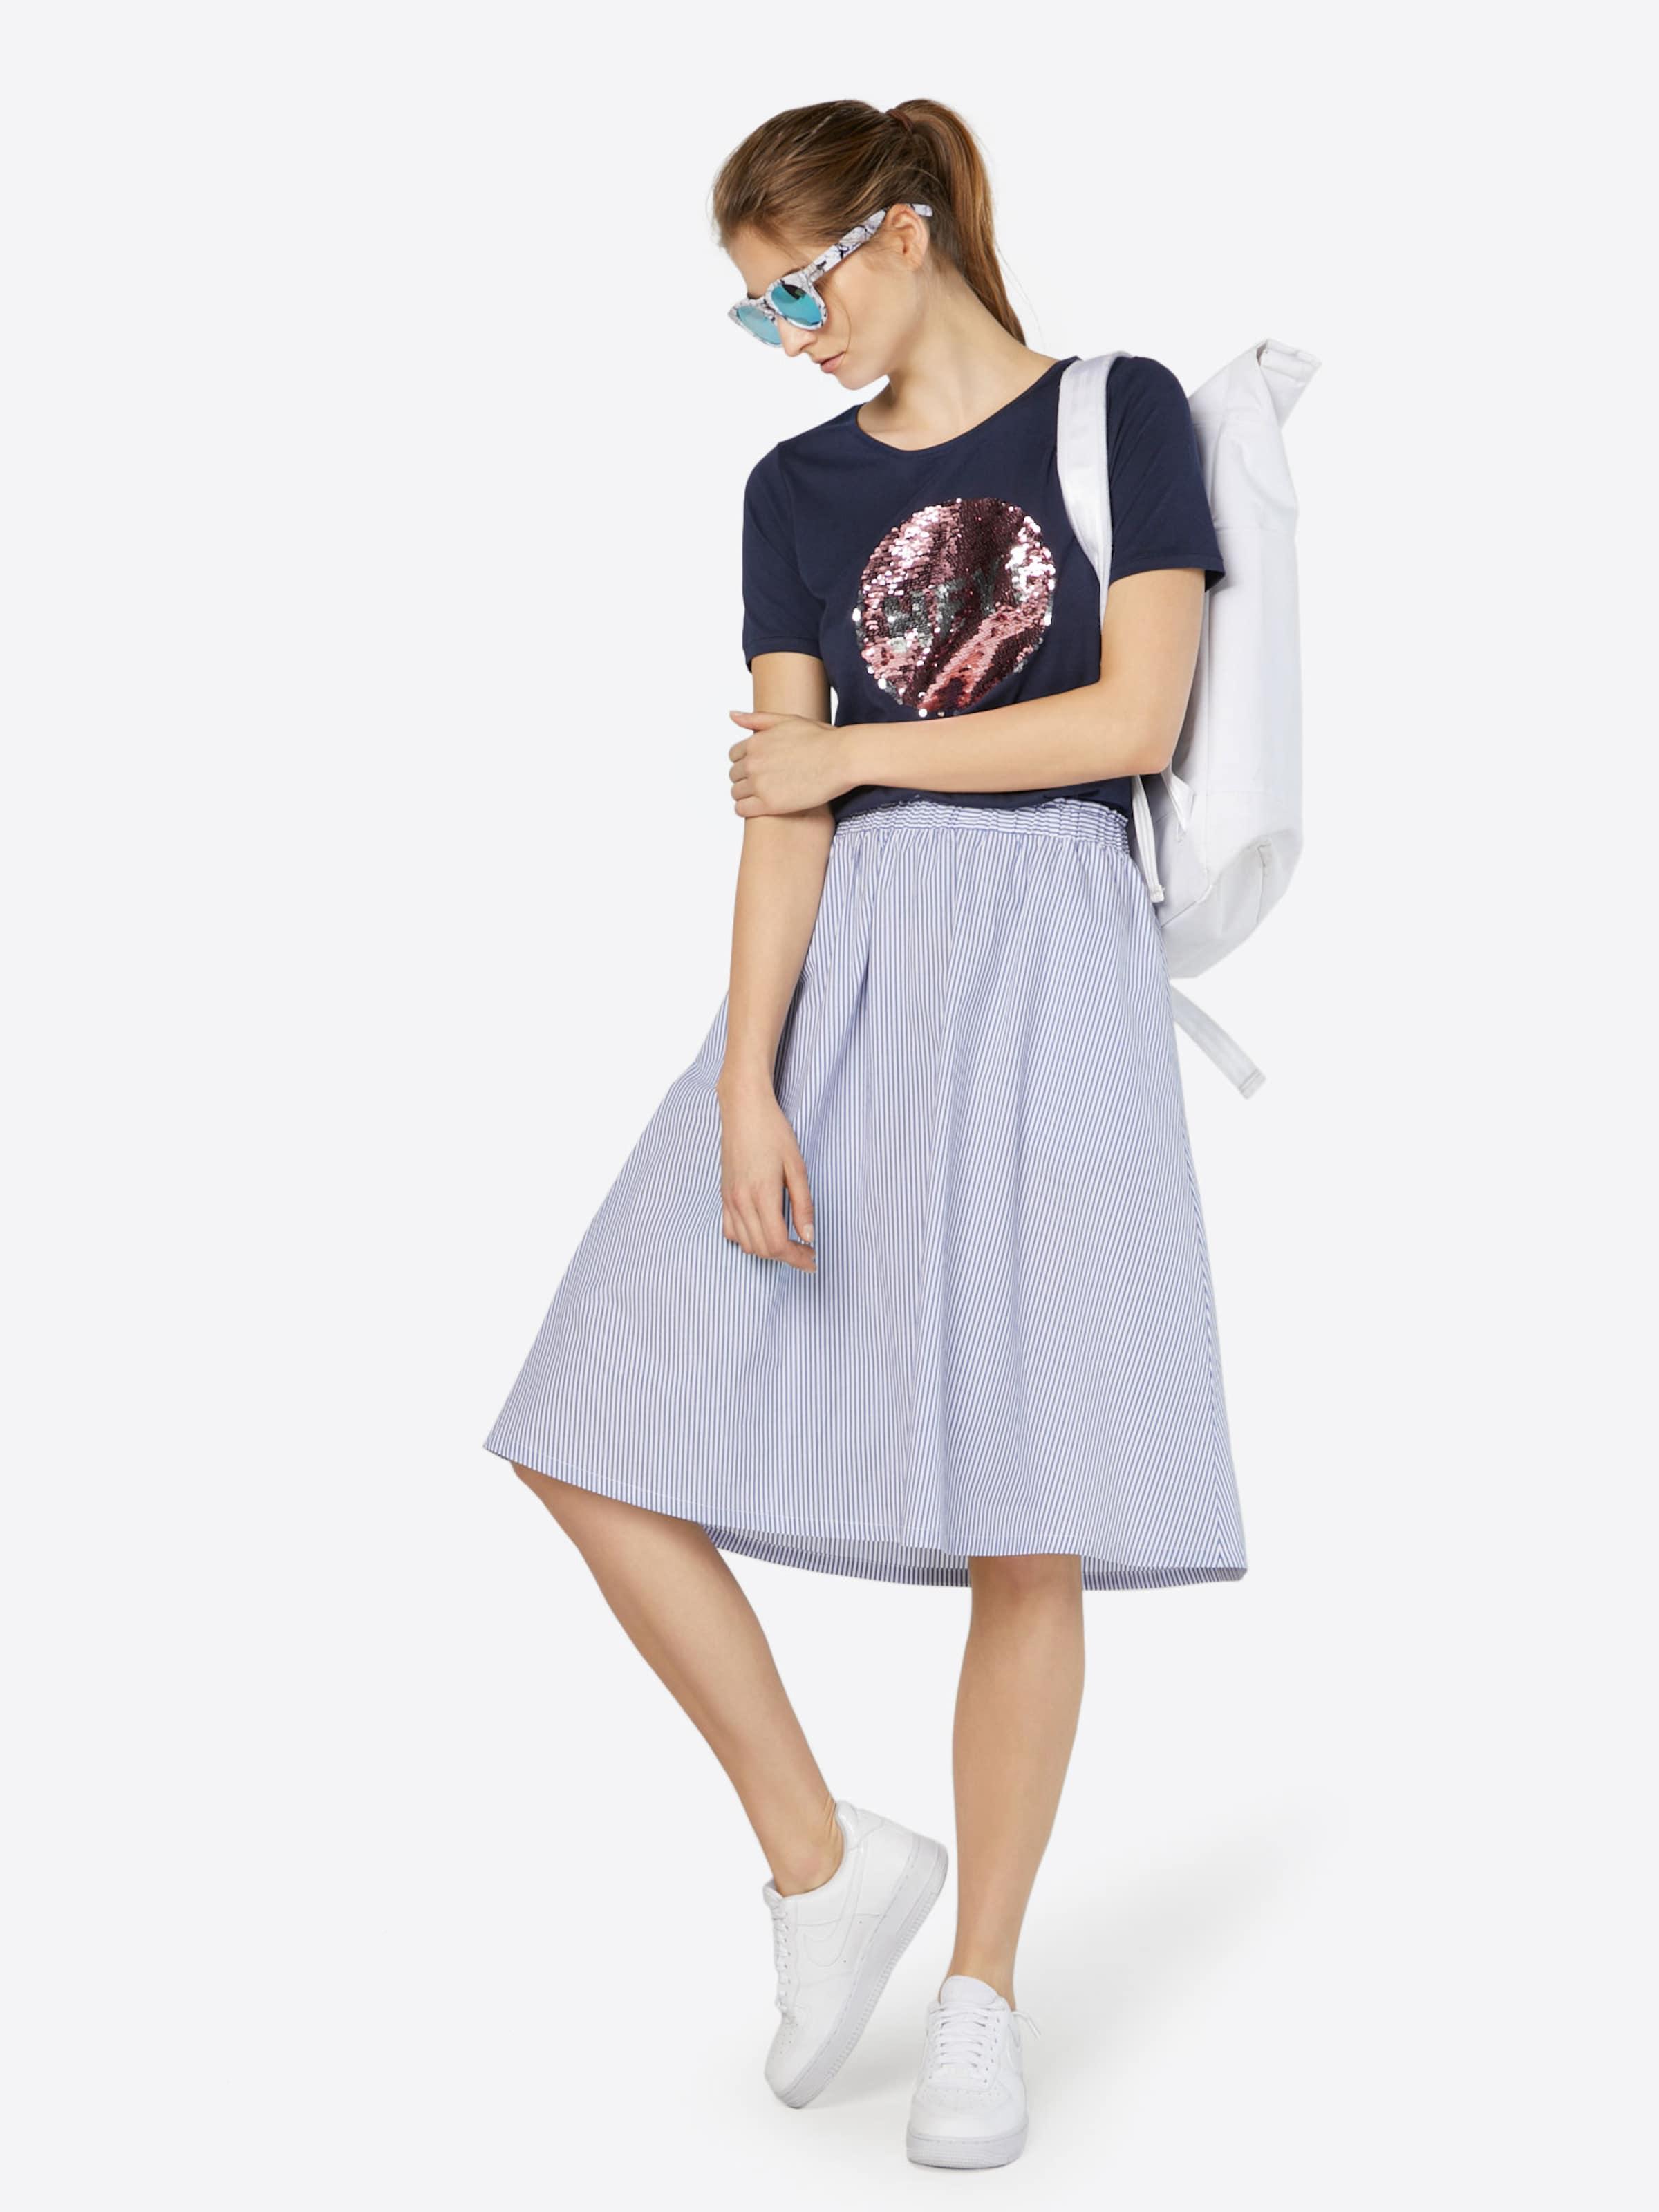 STREET ONE Shirt mit Paillettenbesatz 2018 Neue Billig Verkauf Beruf Suche Nach Günstiger Online z0H0lJ3B5